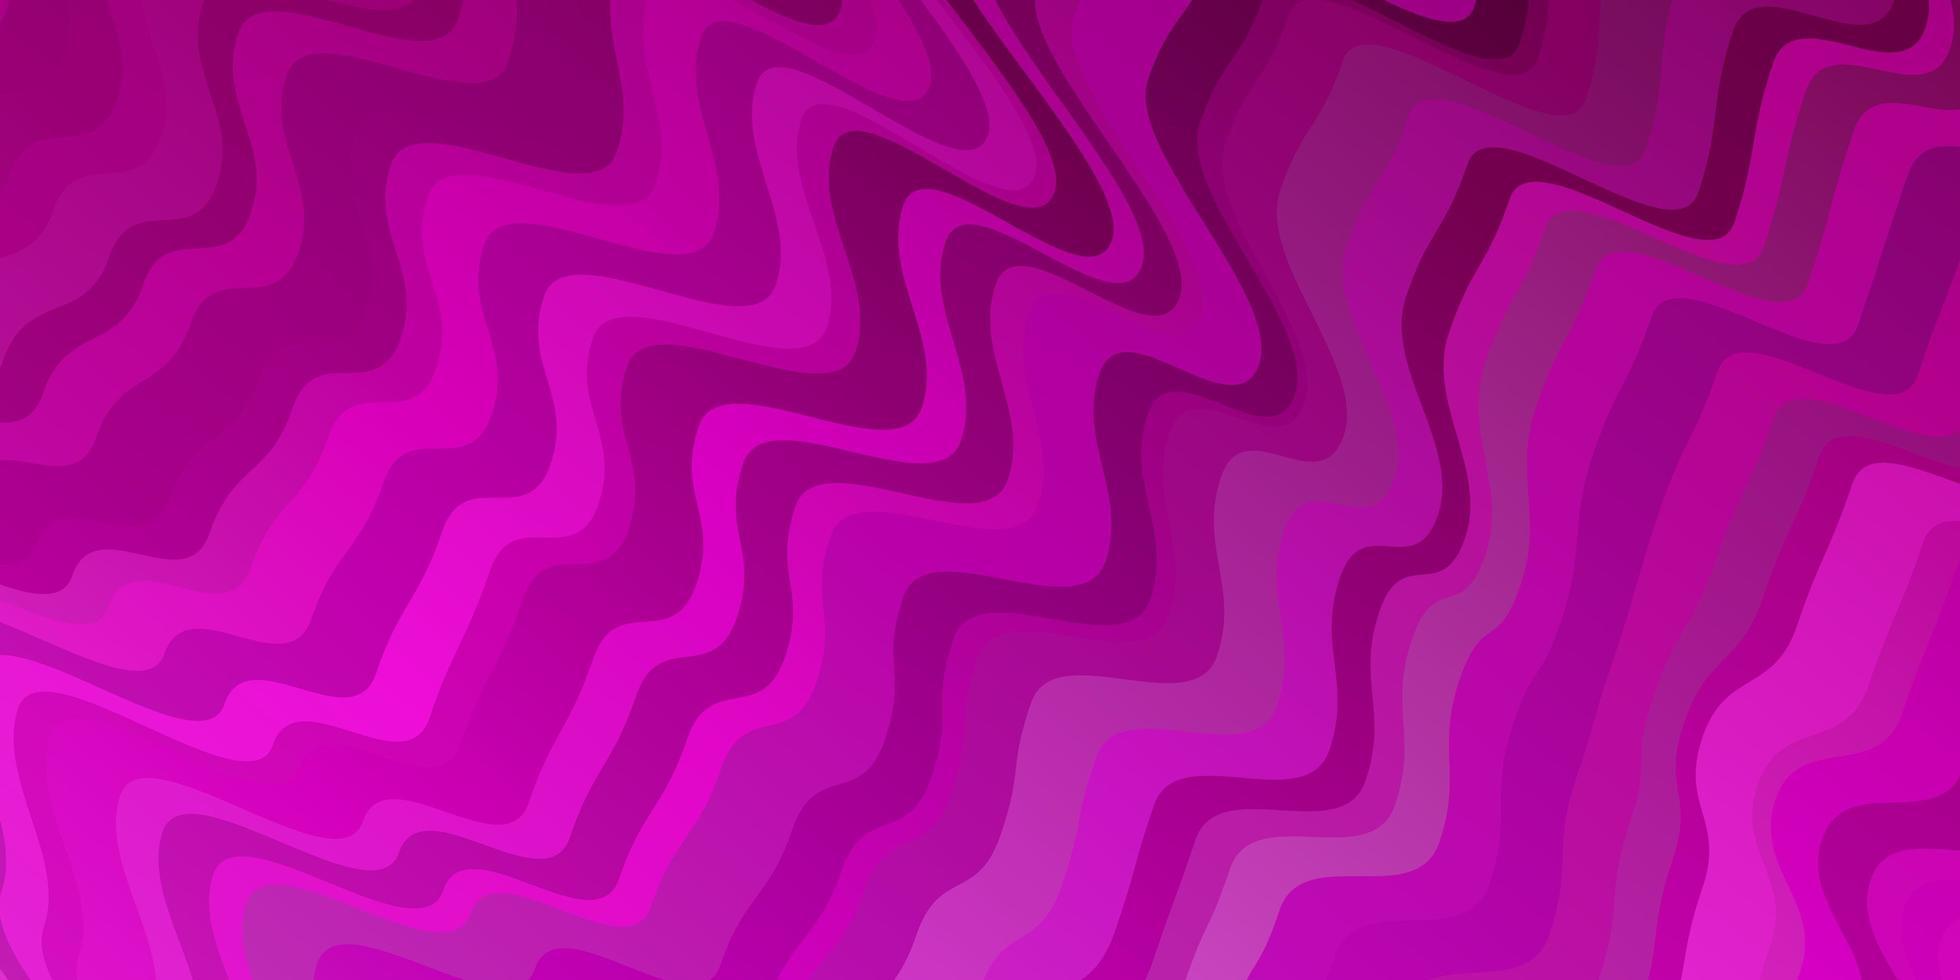 rosa bakgrund med böjda linjer. vektor